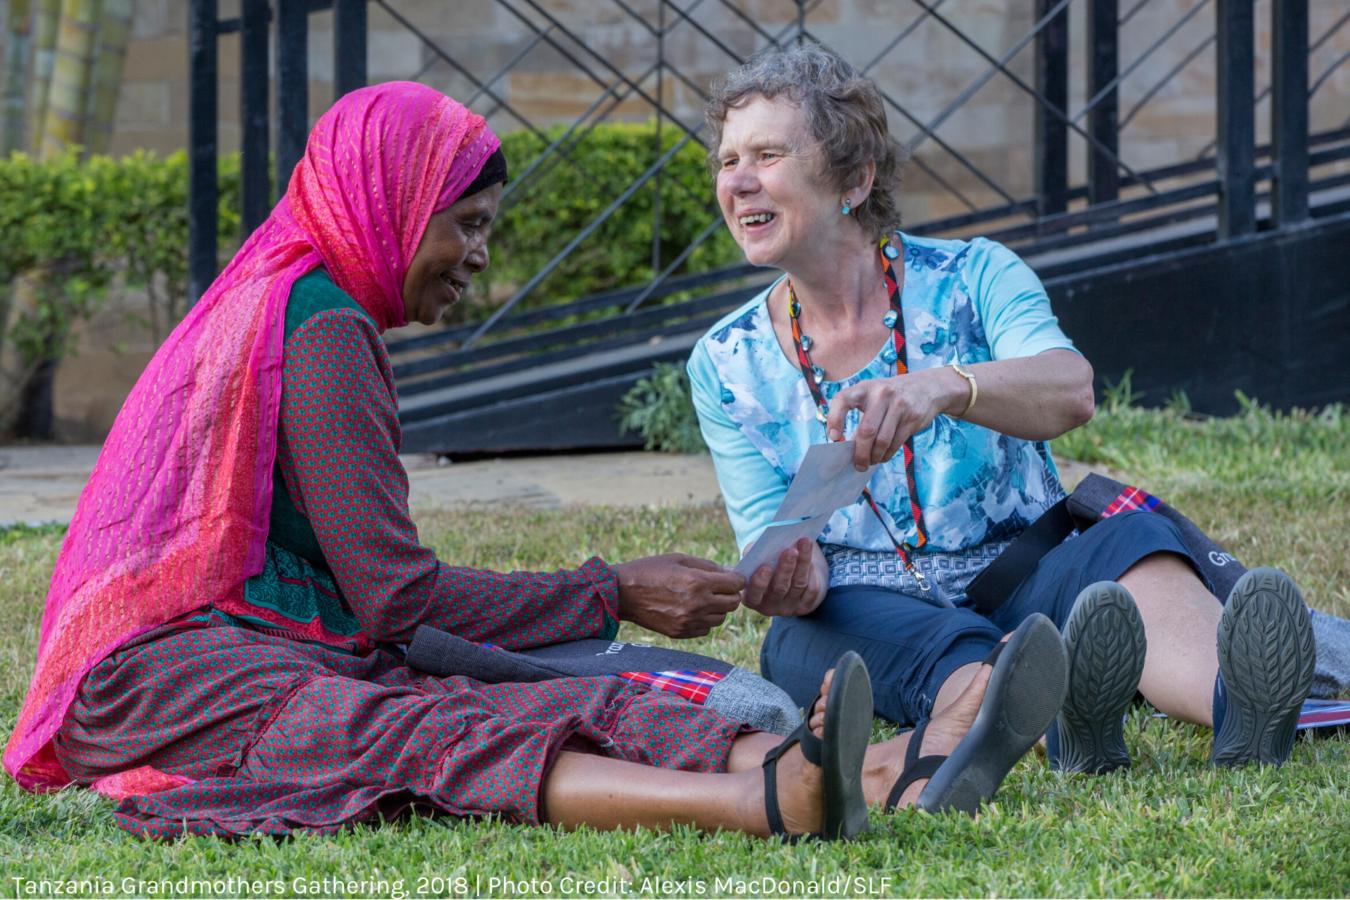 Solidarity at Tanzania Grandmothers Gathering